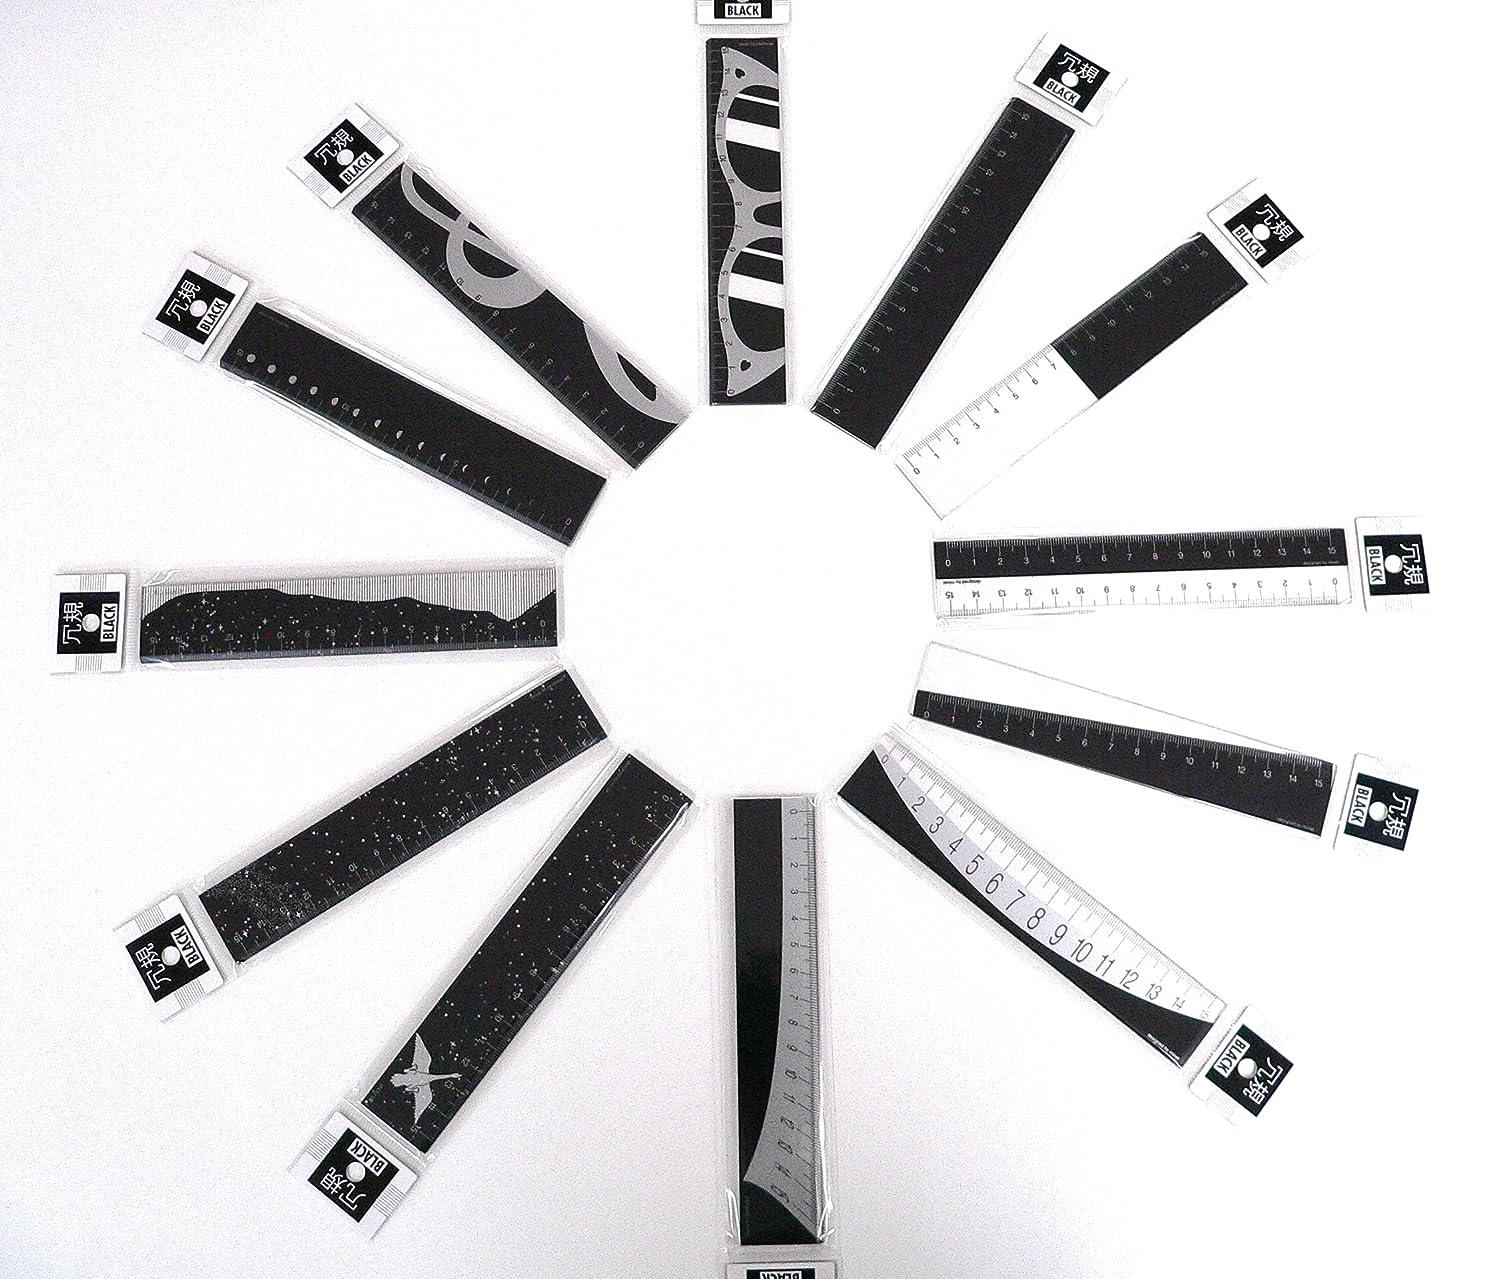 通知軽減支給プラスチック加工専門店 【井上製作所】  冗規 BLACKシリーズ (MB-001~MB-012)  12種類 セット